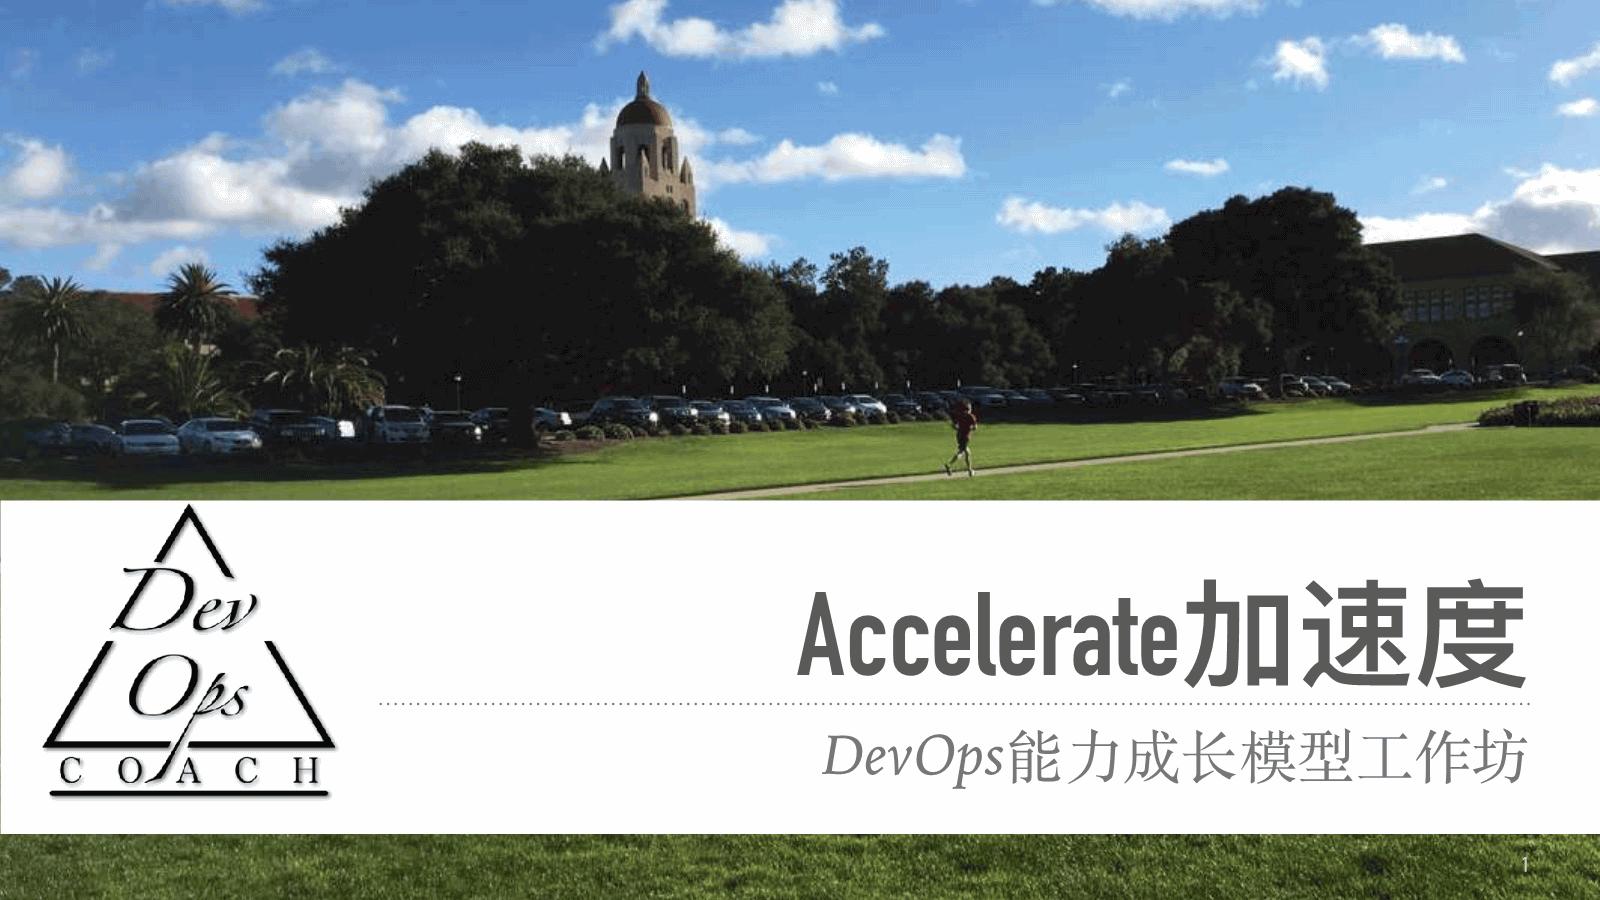 刘征 许峰-DevOps能力成长模型工作坊